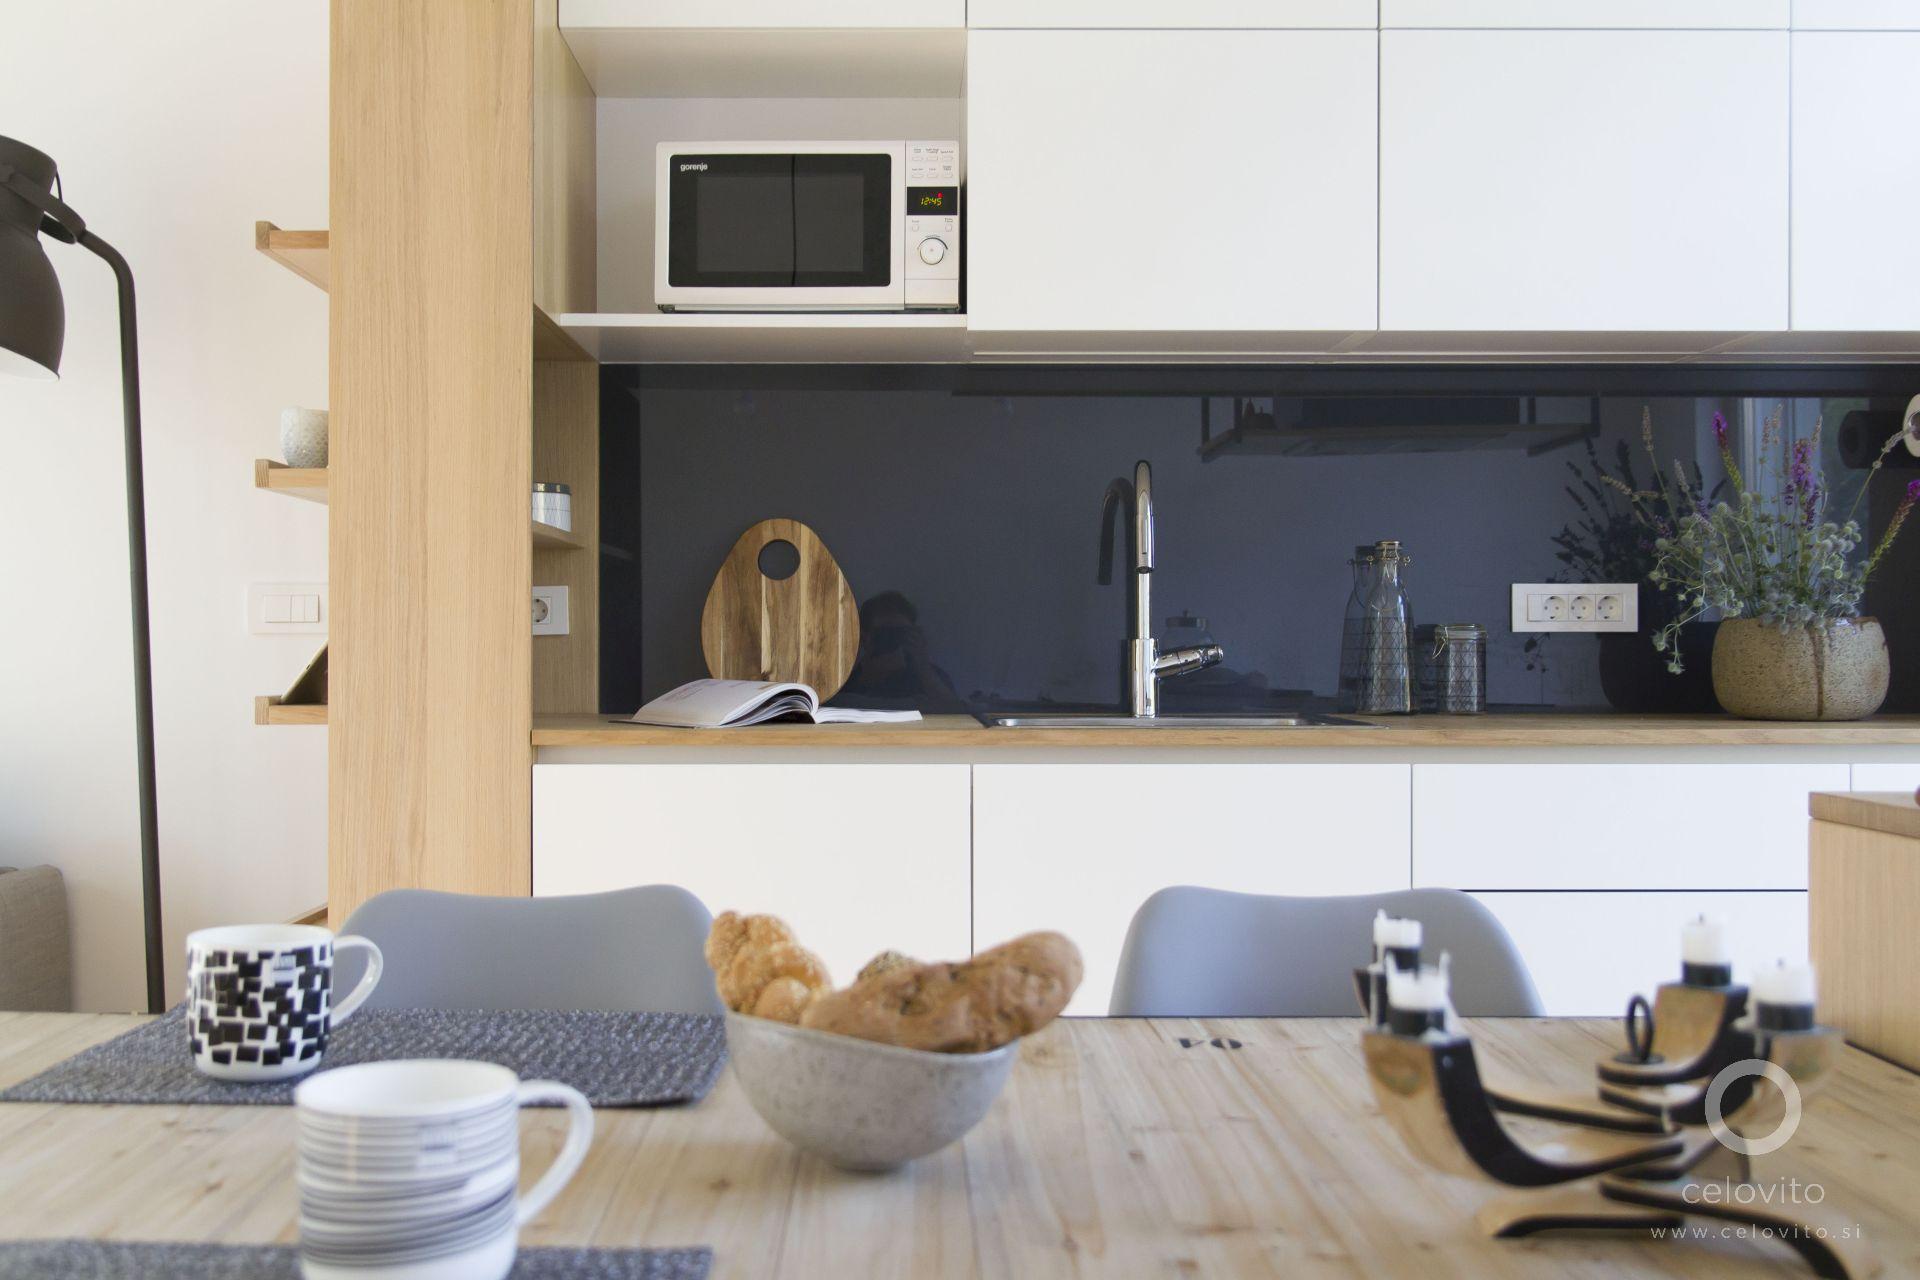 Jedilnica in kuhinja